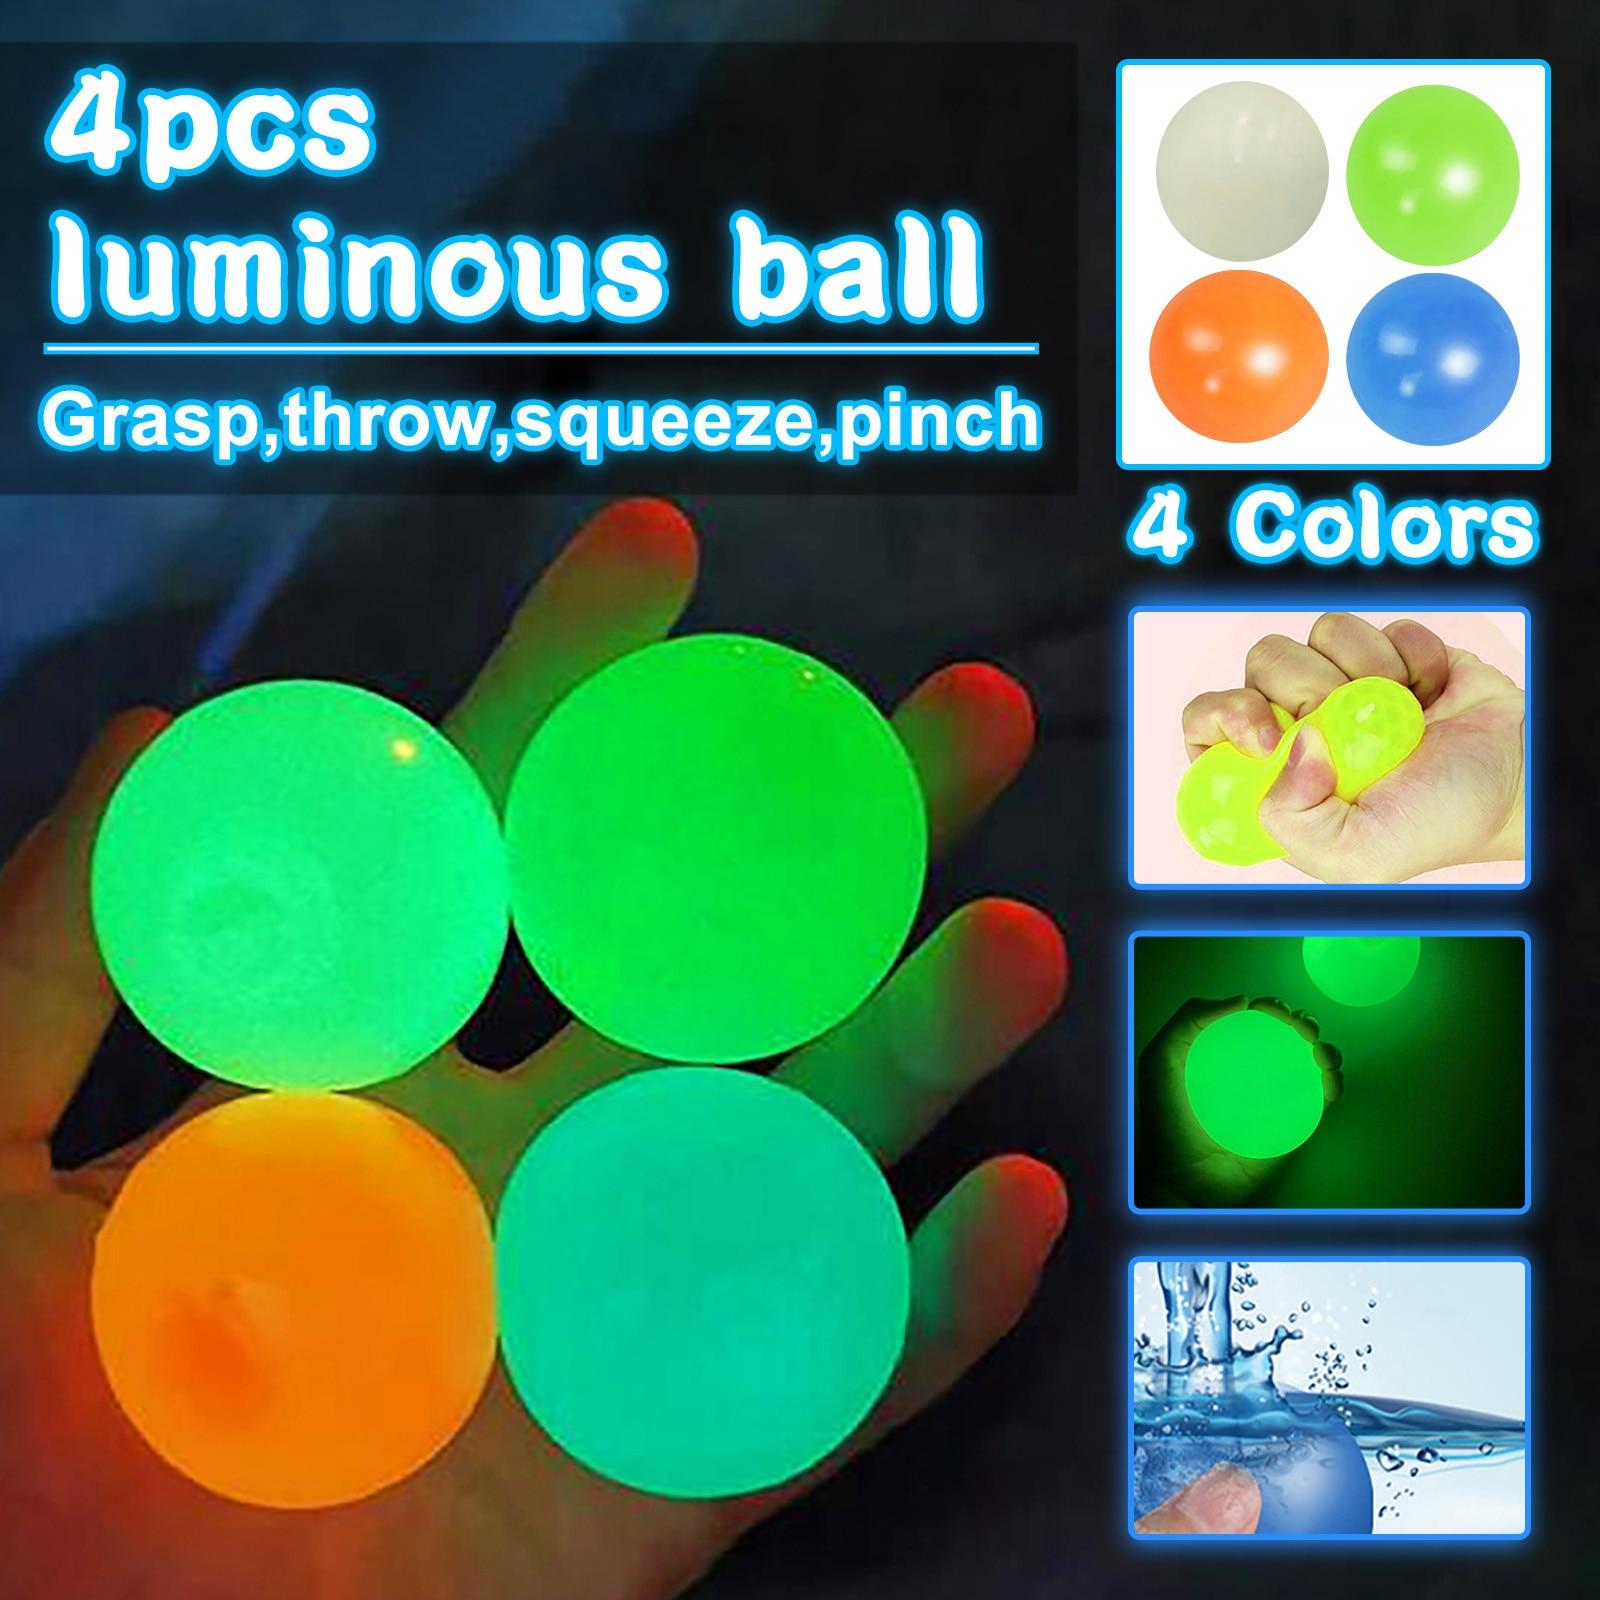 Флуоресцентный липкий настенный шар, потолочный шарик, липкий шарик для мишени, детская игрушка, игрушка для взрослых, декомпрессионная игр...